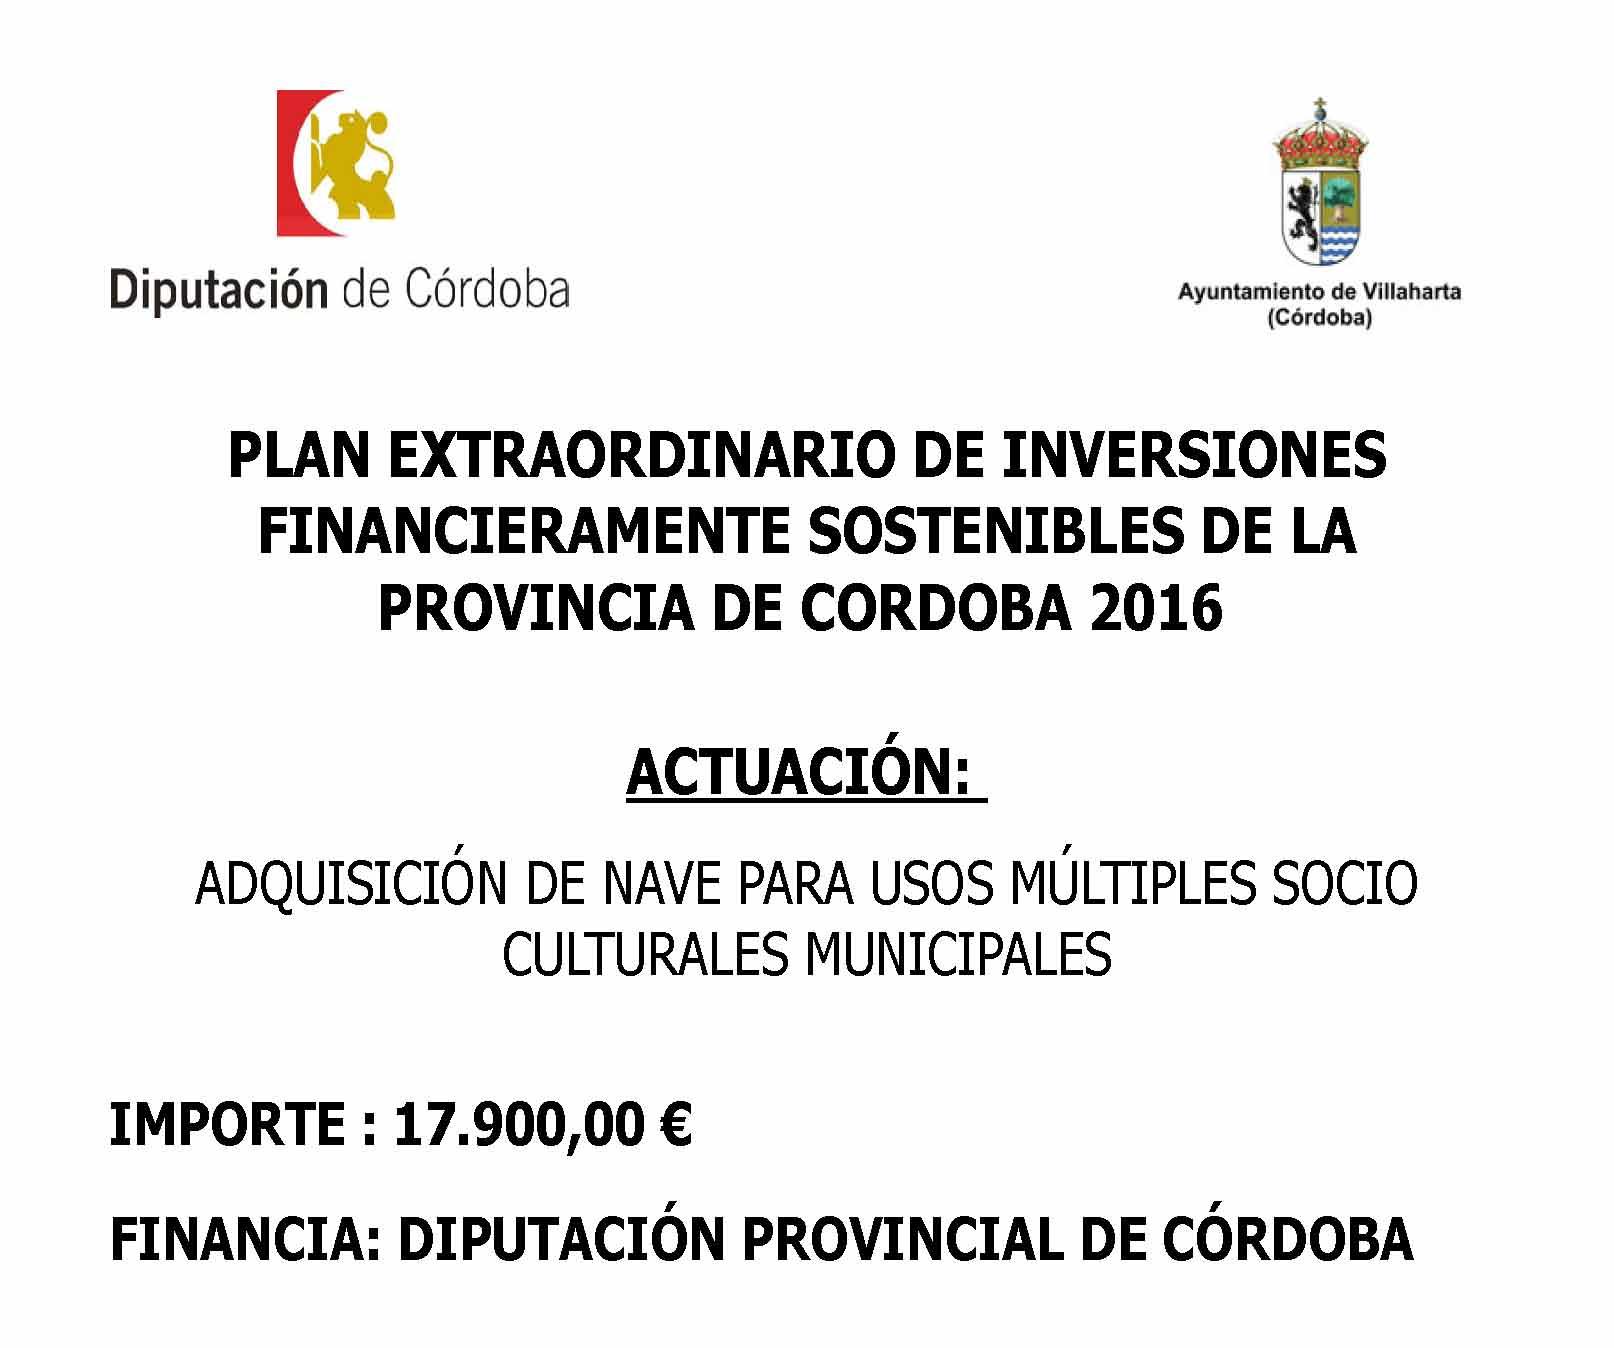 SUBVENCIONES RECIBIDAS. 2016 13